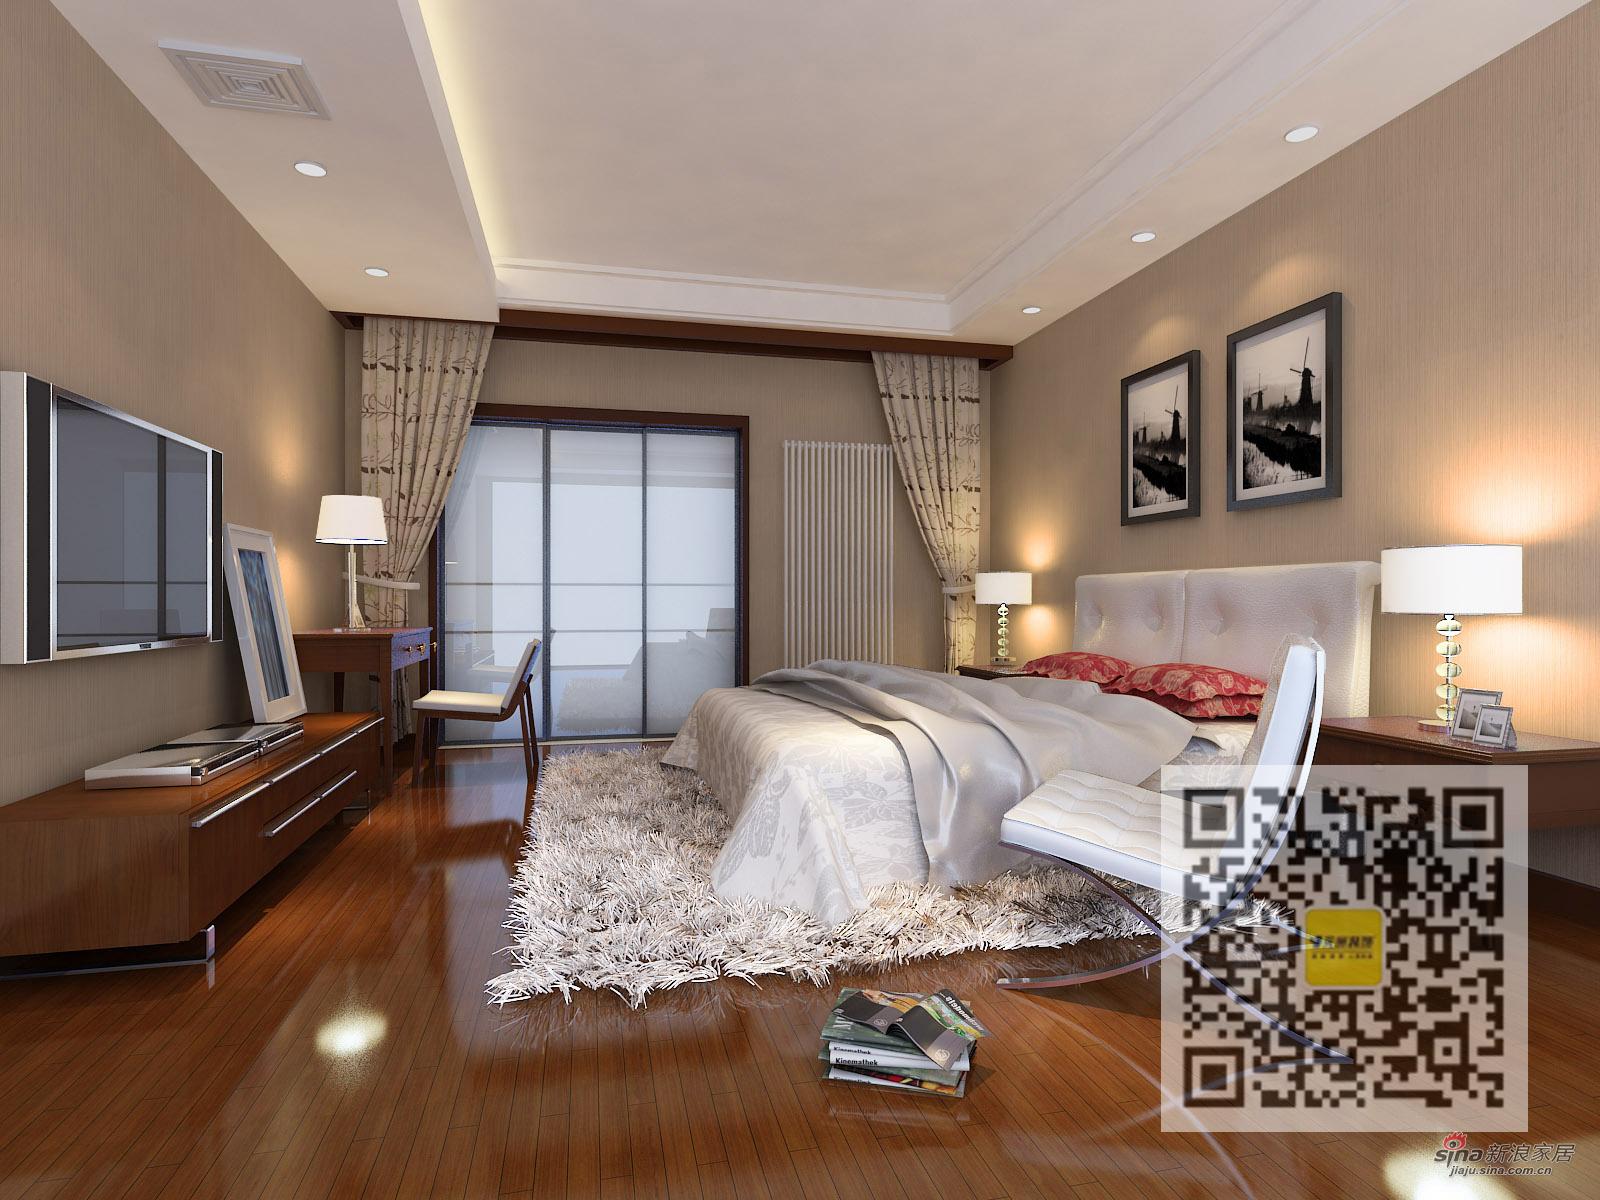 简约 四居 卧室图片来自用户2739153147在雍和家园简约· 休闲四居室85的分享